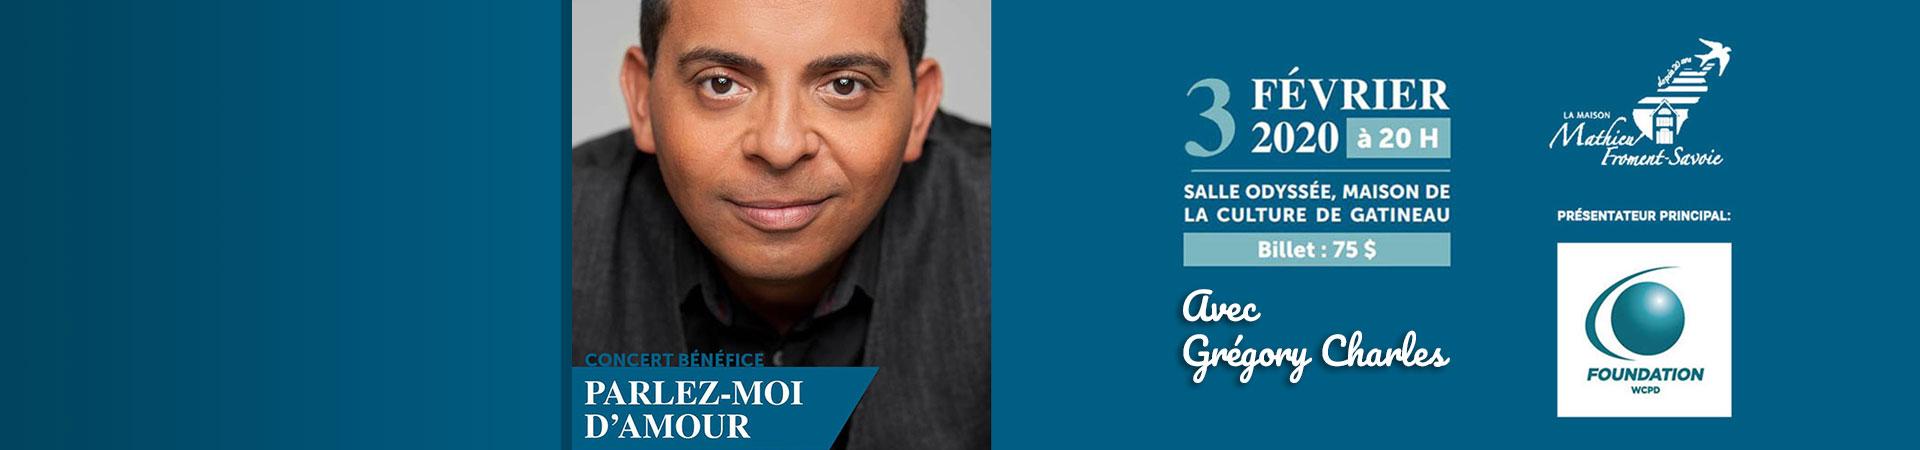 Concert 3 février Gregory Charles